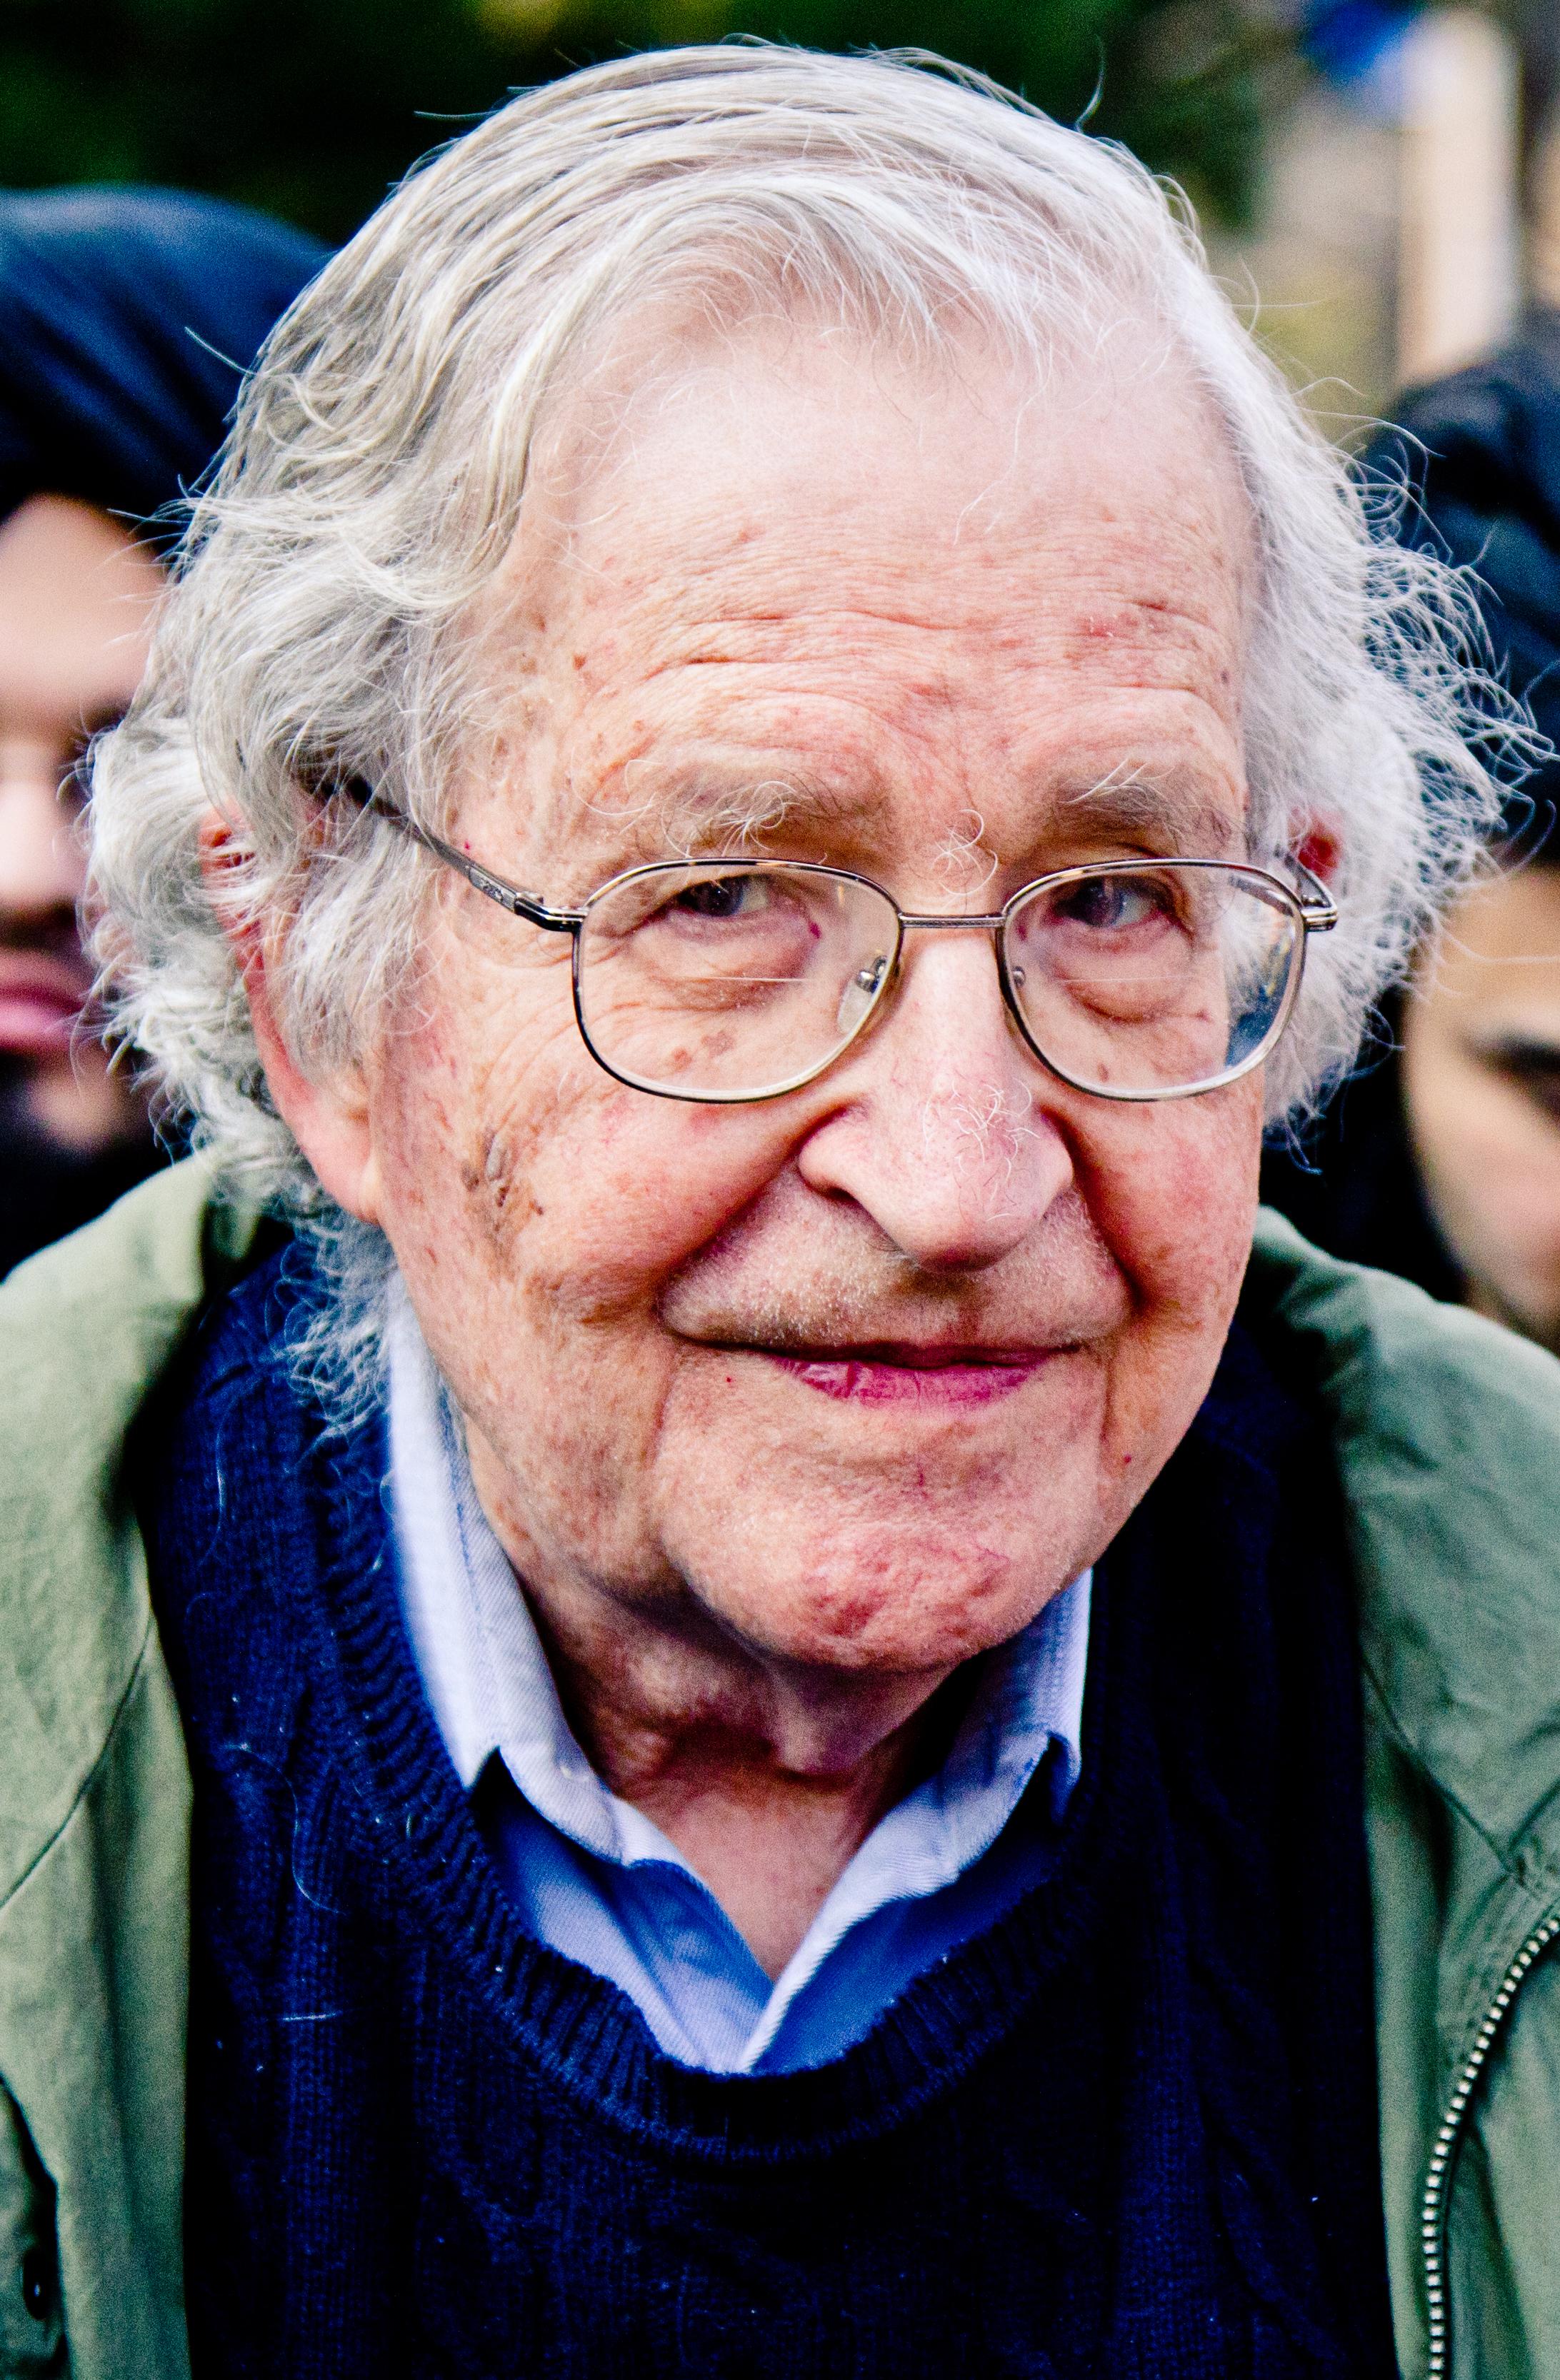 Noam Chomsky photo #100927, Noam Chomsky image